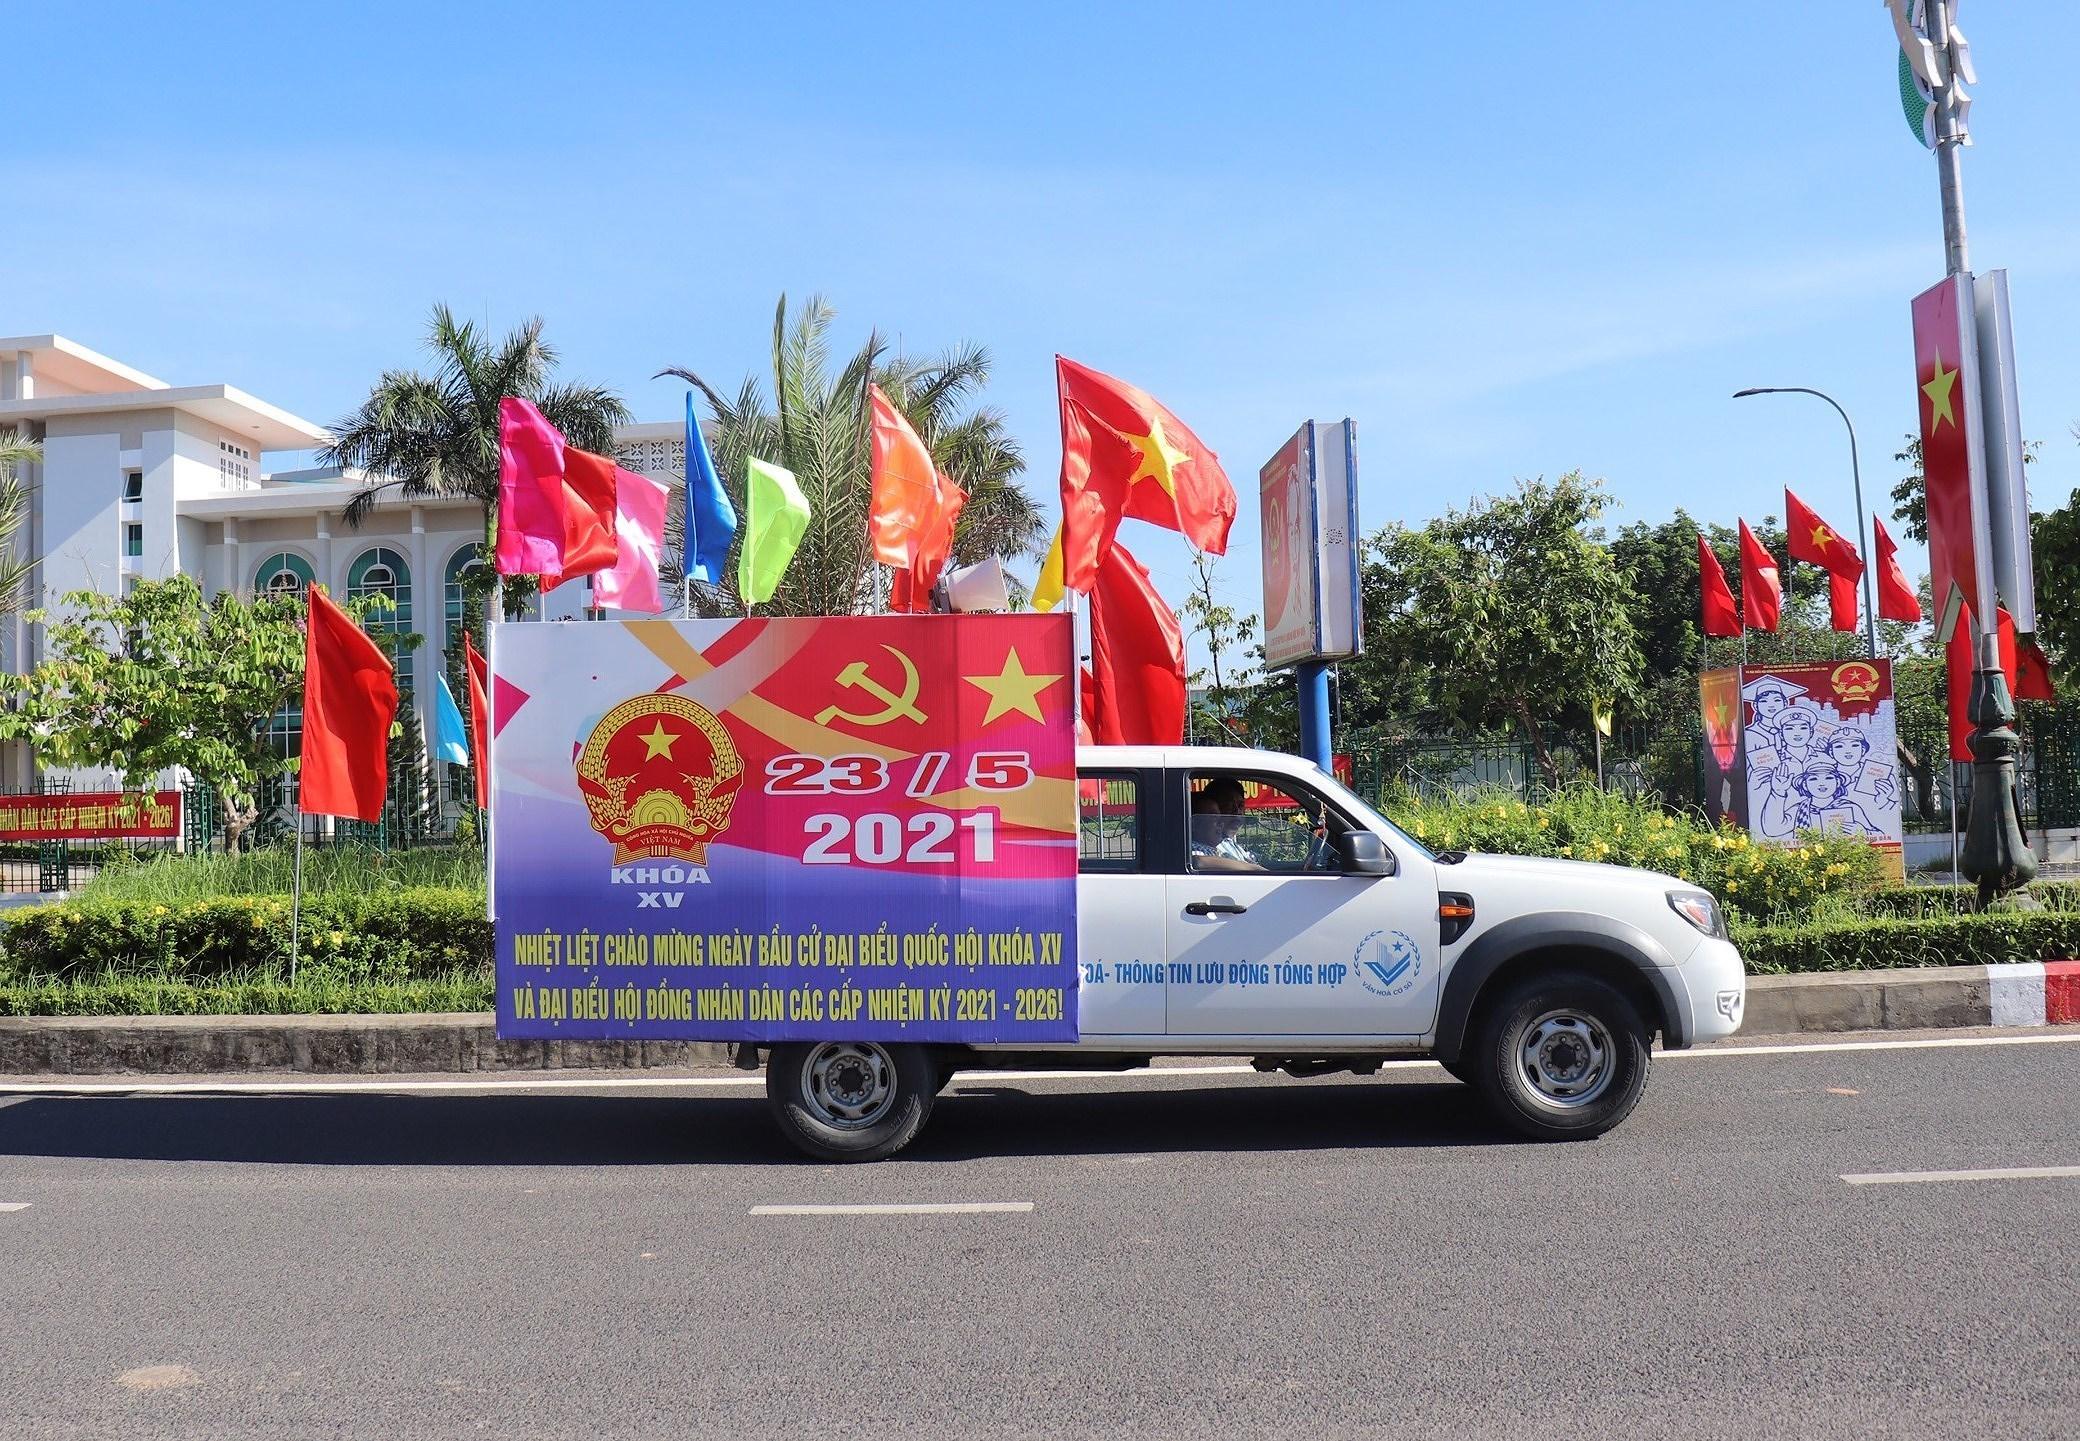 Вьетнам готов к всеобщим выборам hinh anh 10